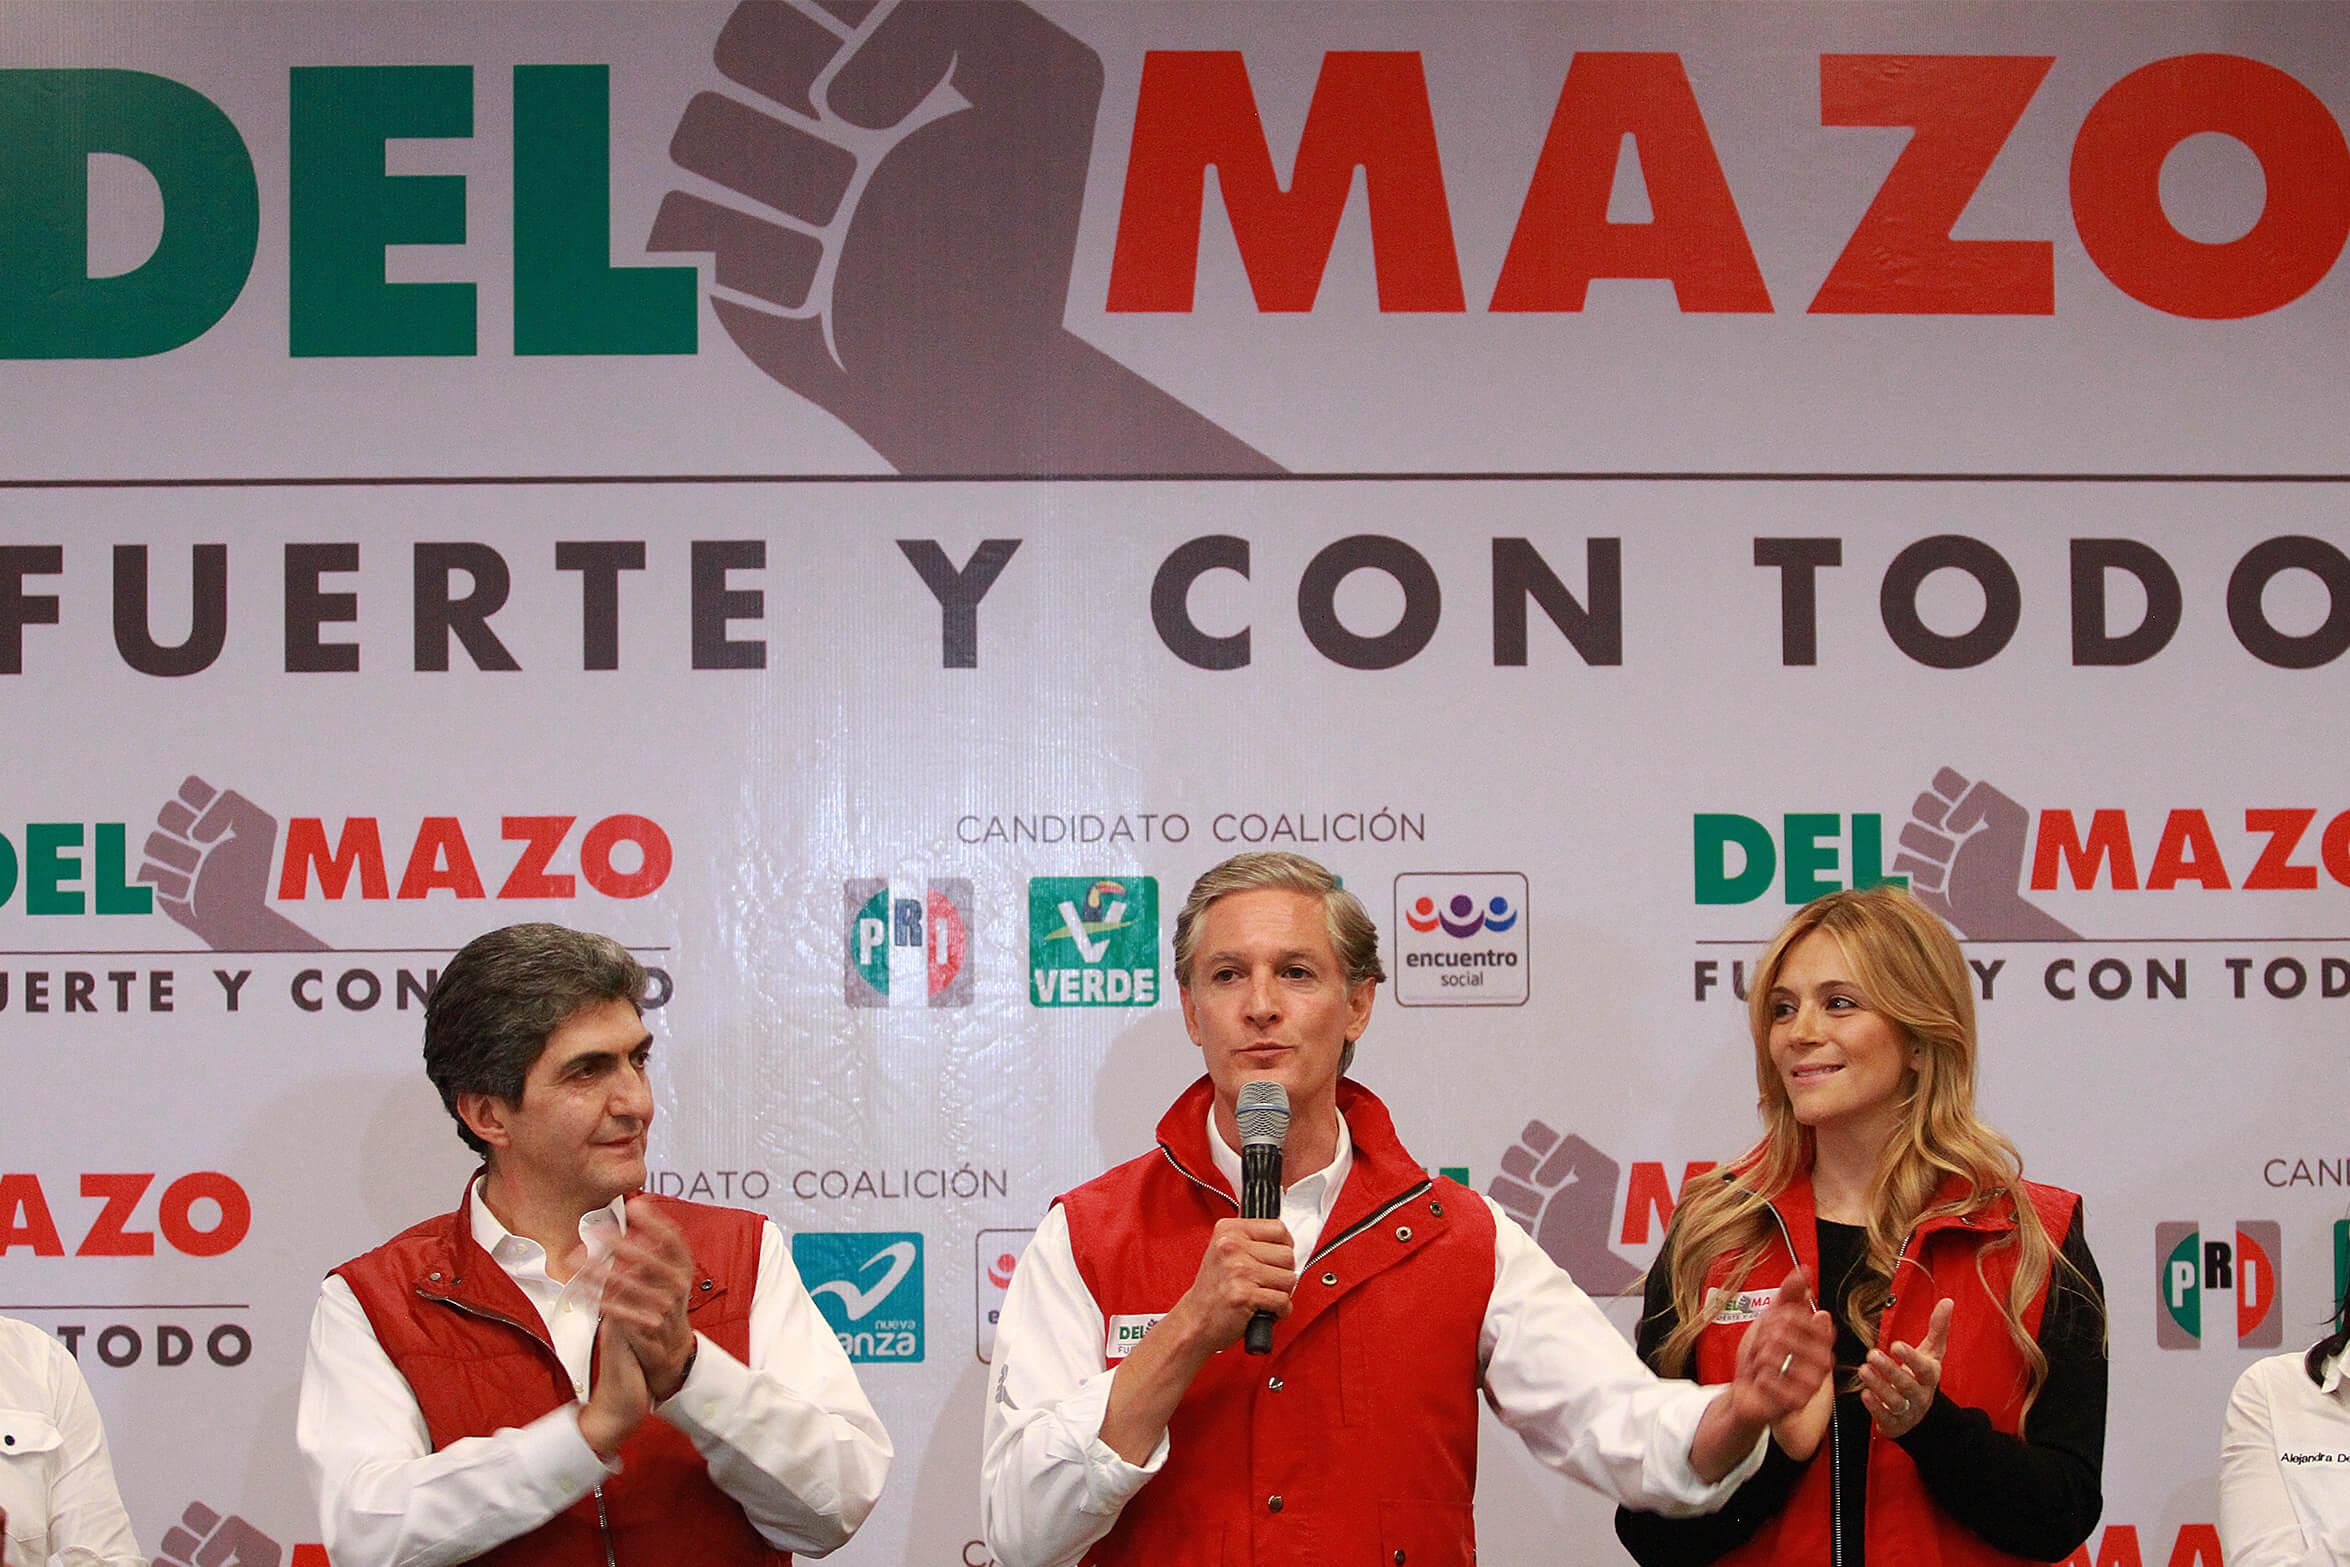 No busco chamba, responde Zepeda a Del Mazo